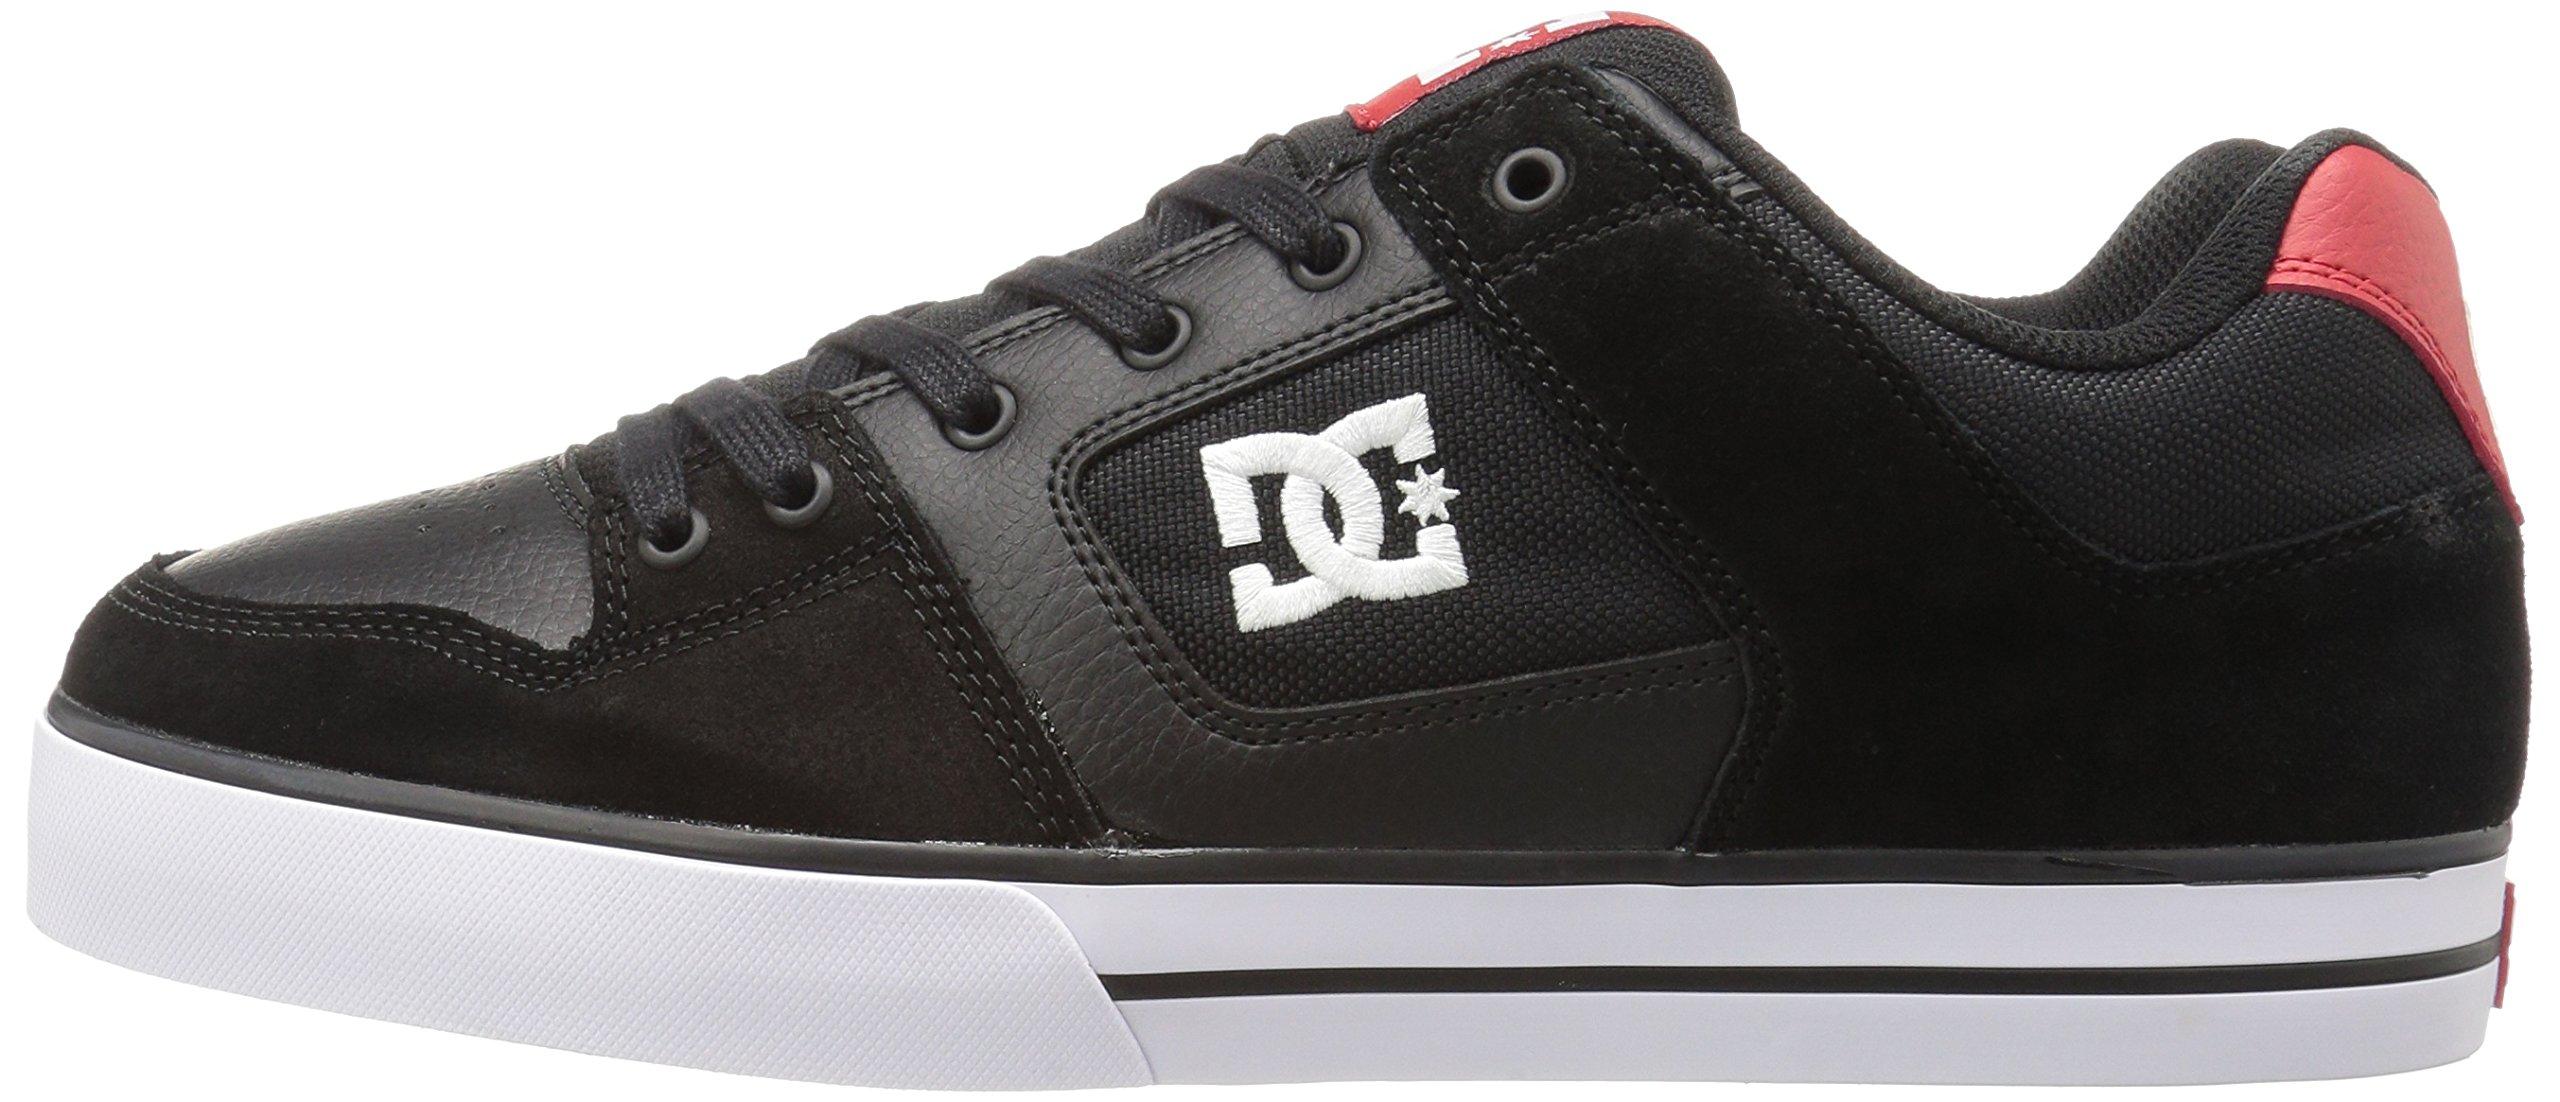 DC Shoes Mens Shoes Pure - Shoes - Men - 9.5 - Black Black/Athletic Red 9.5 by DC (Image #5)